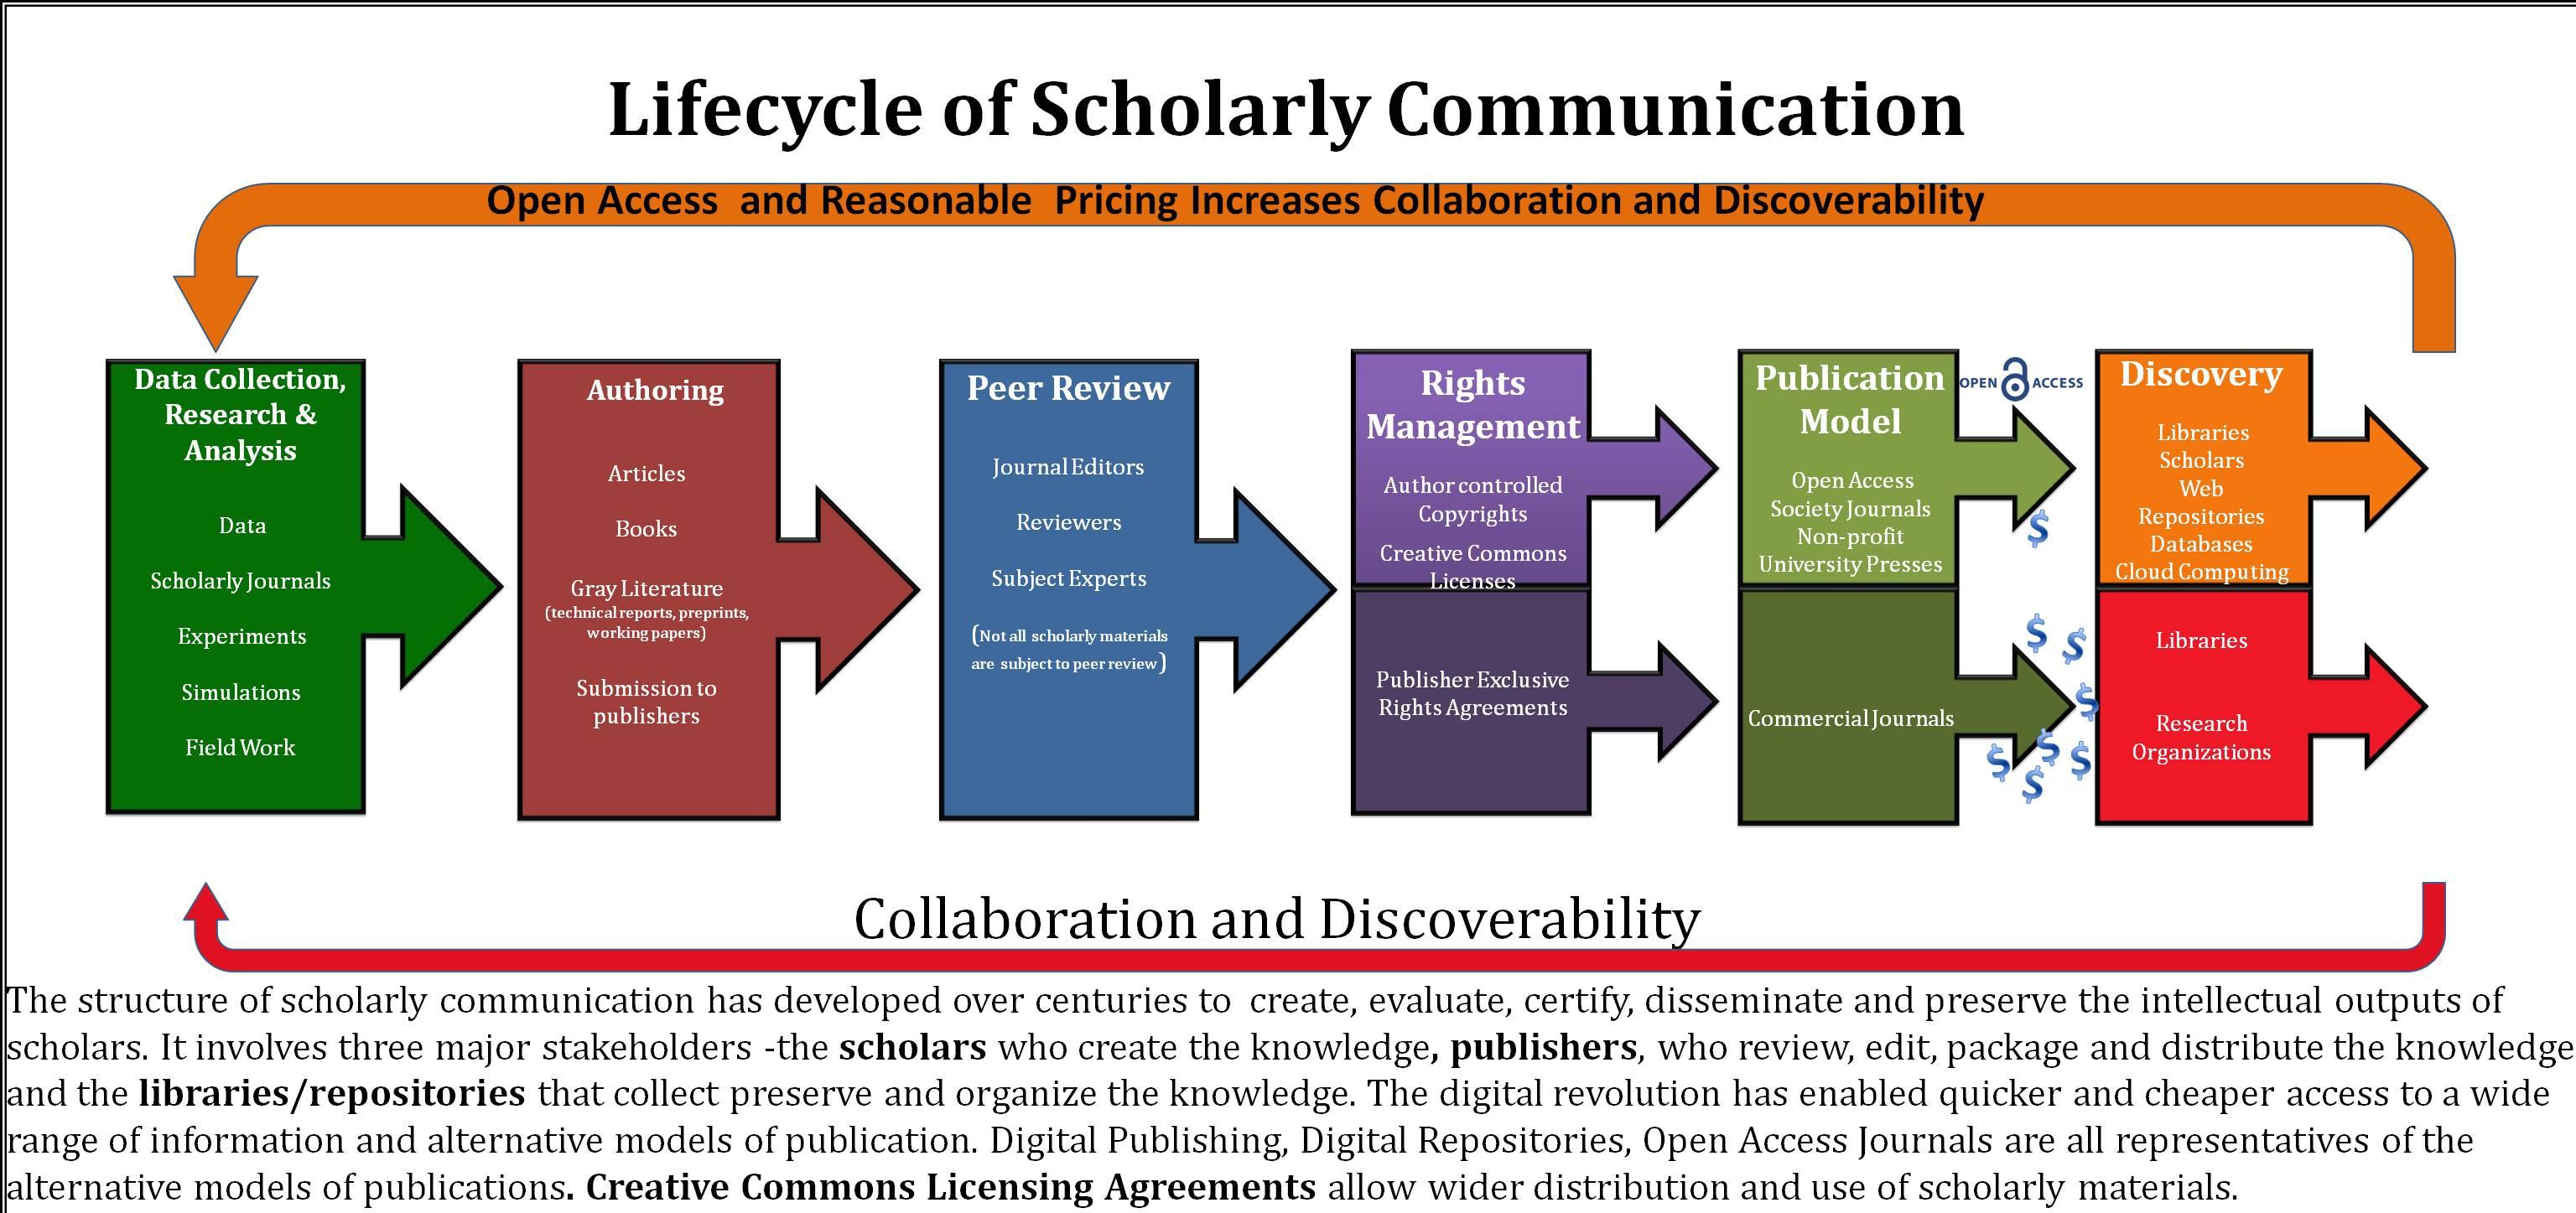 UW Libraries hosts exhibit on open access scholarly